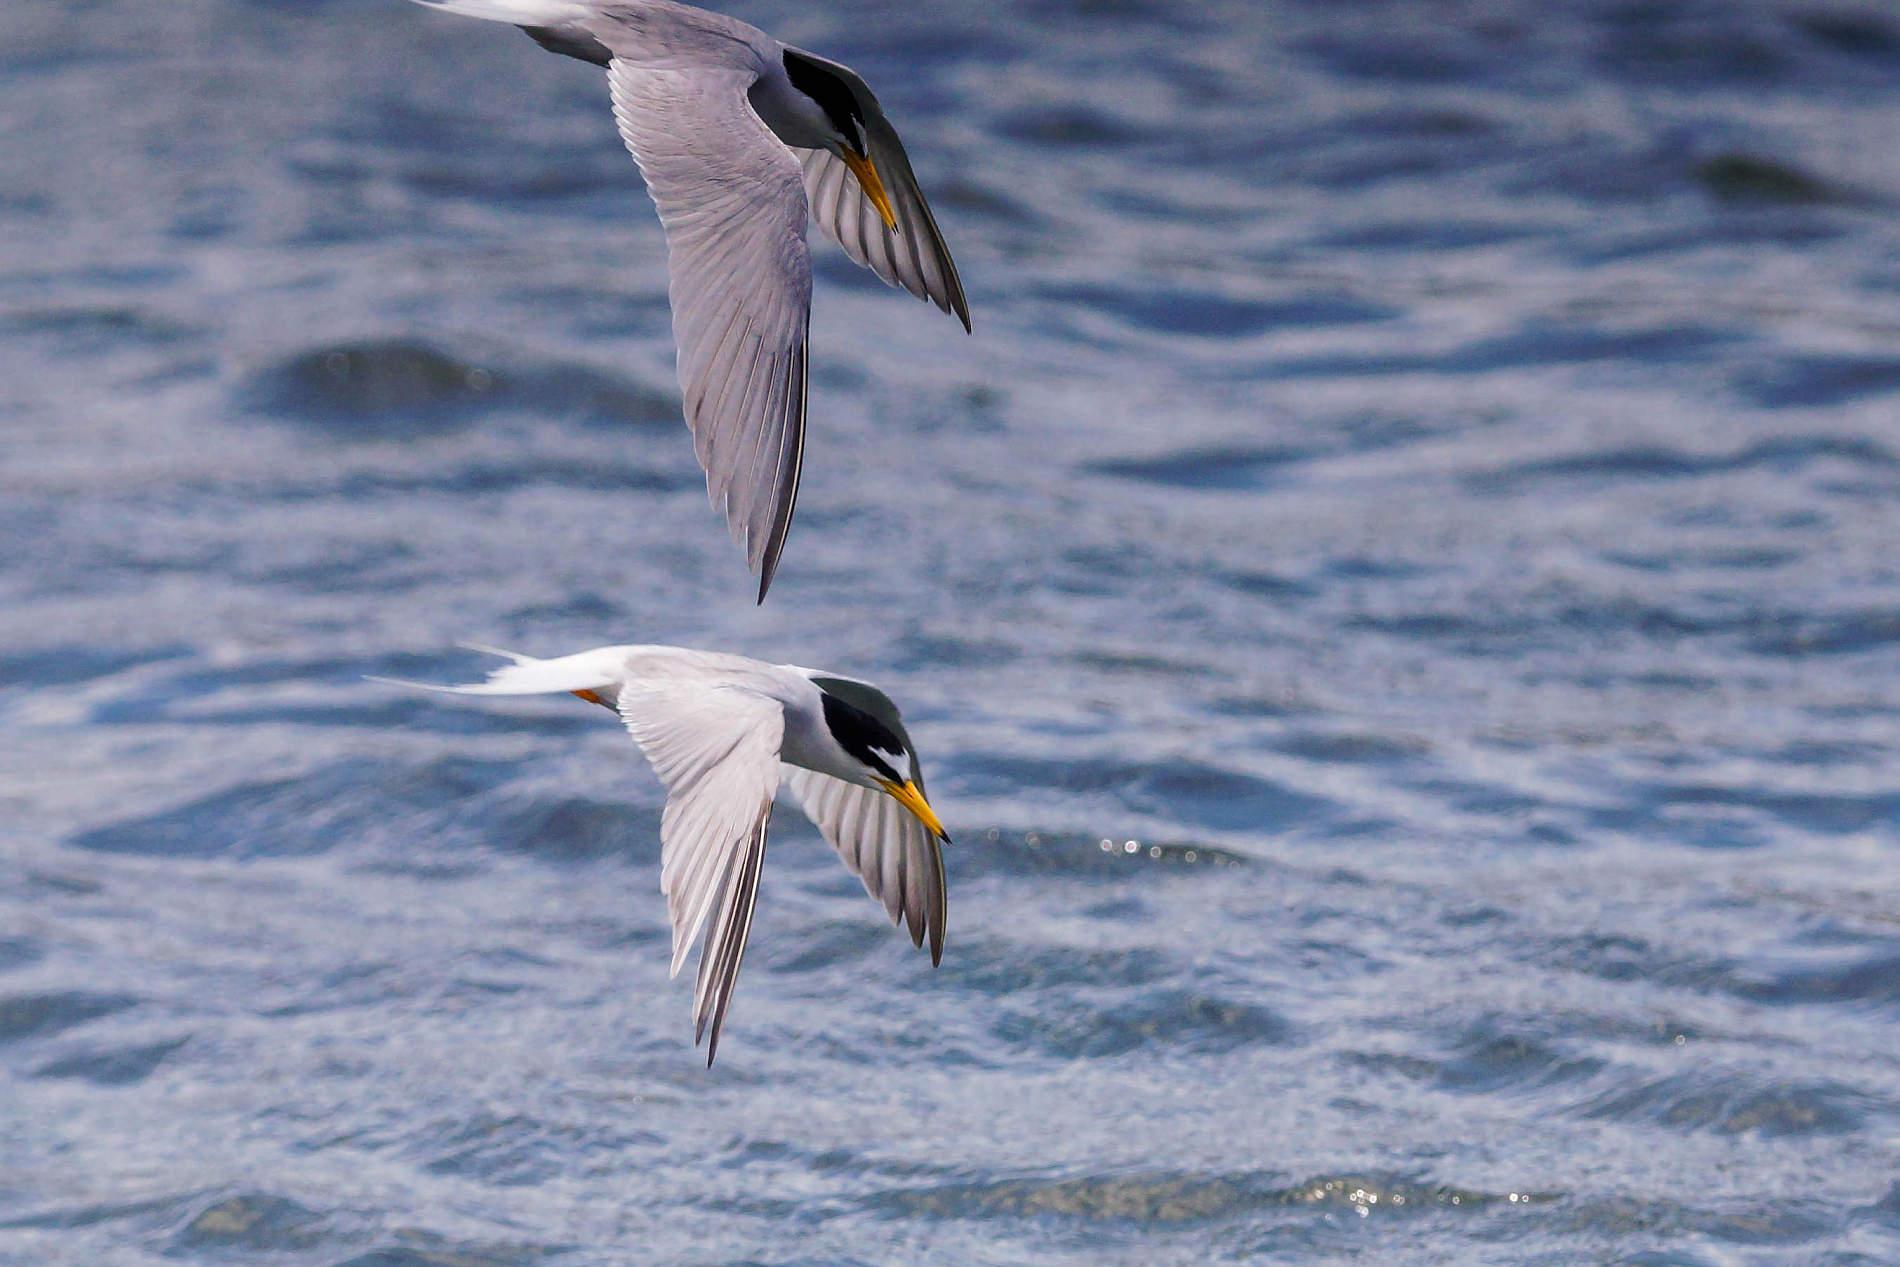 コアジサシの飛翔シーン 二羽 写真画像